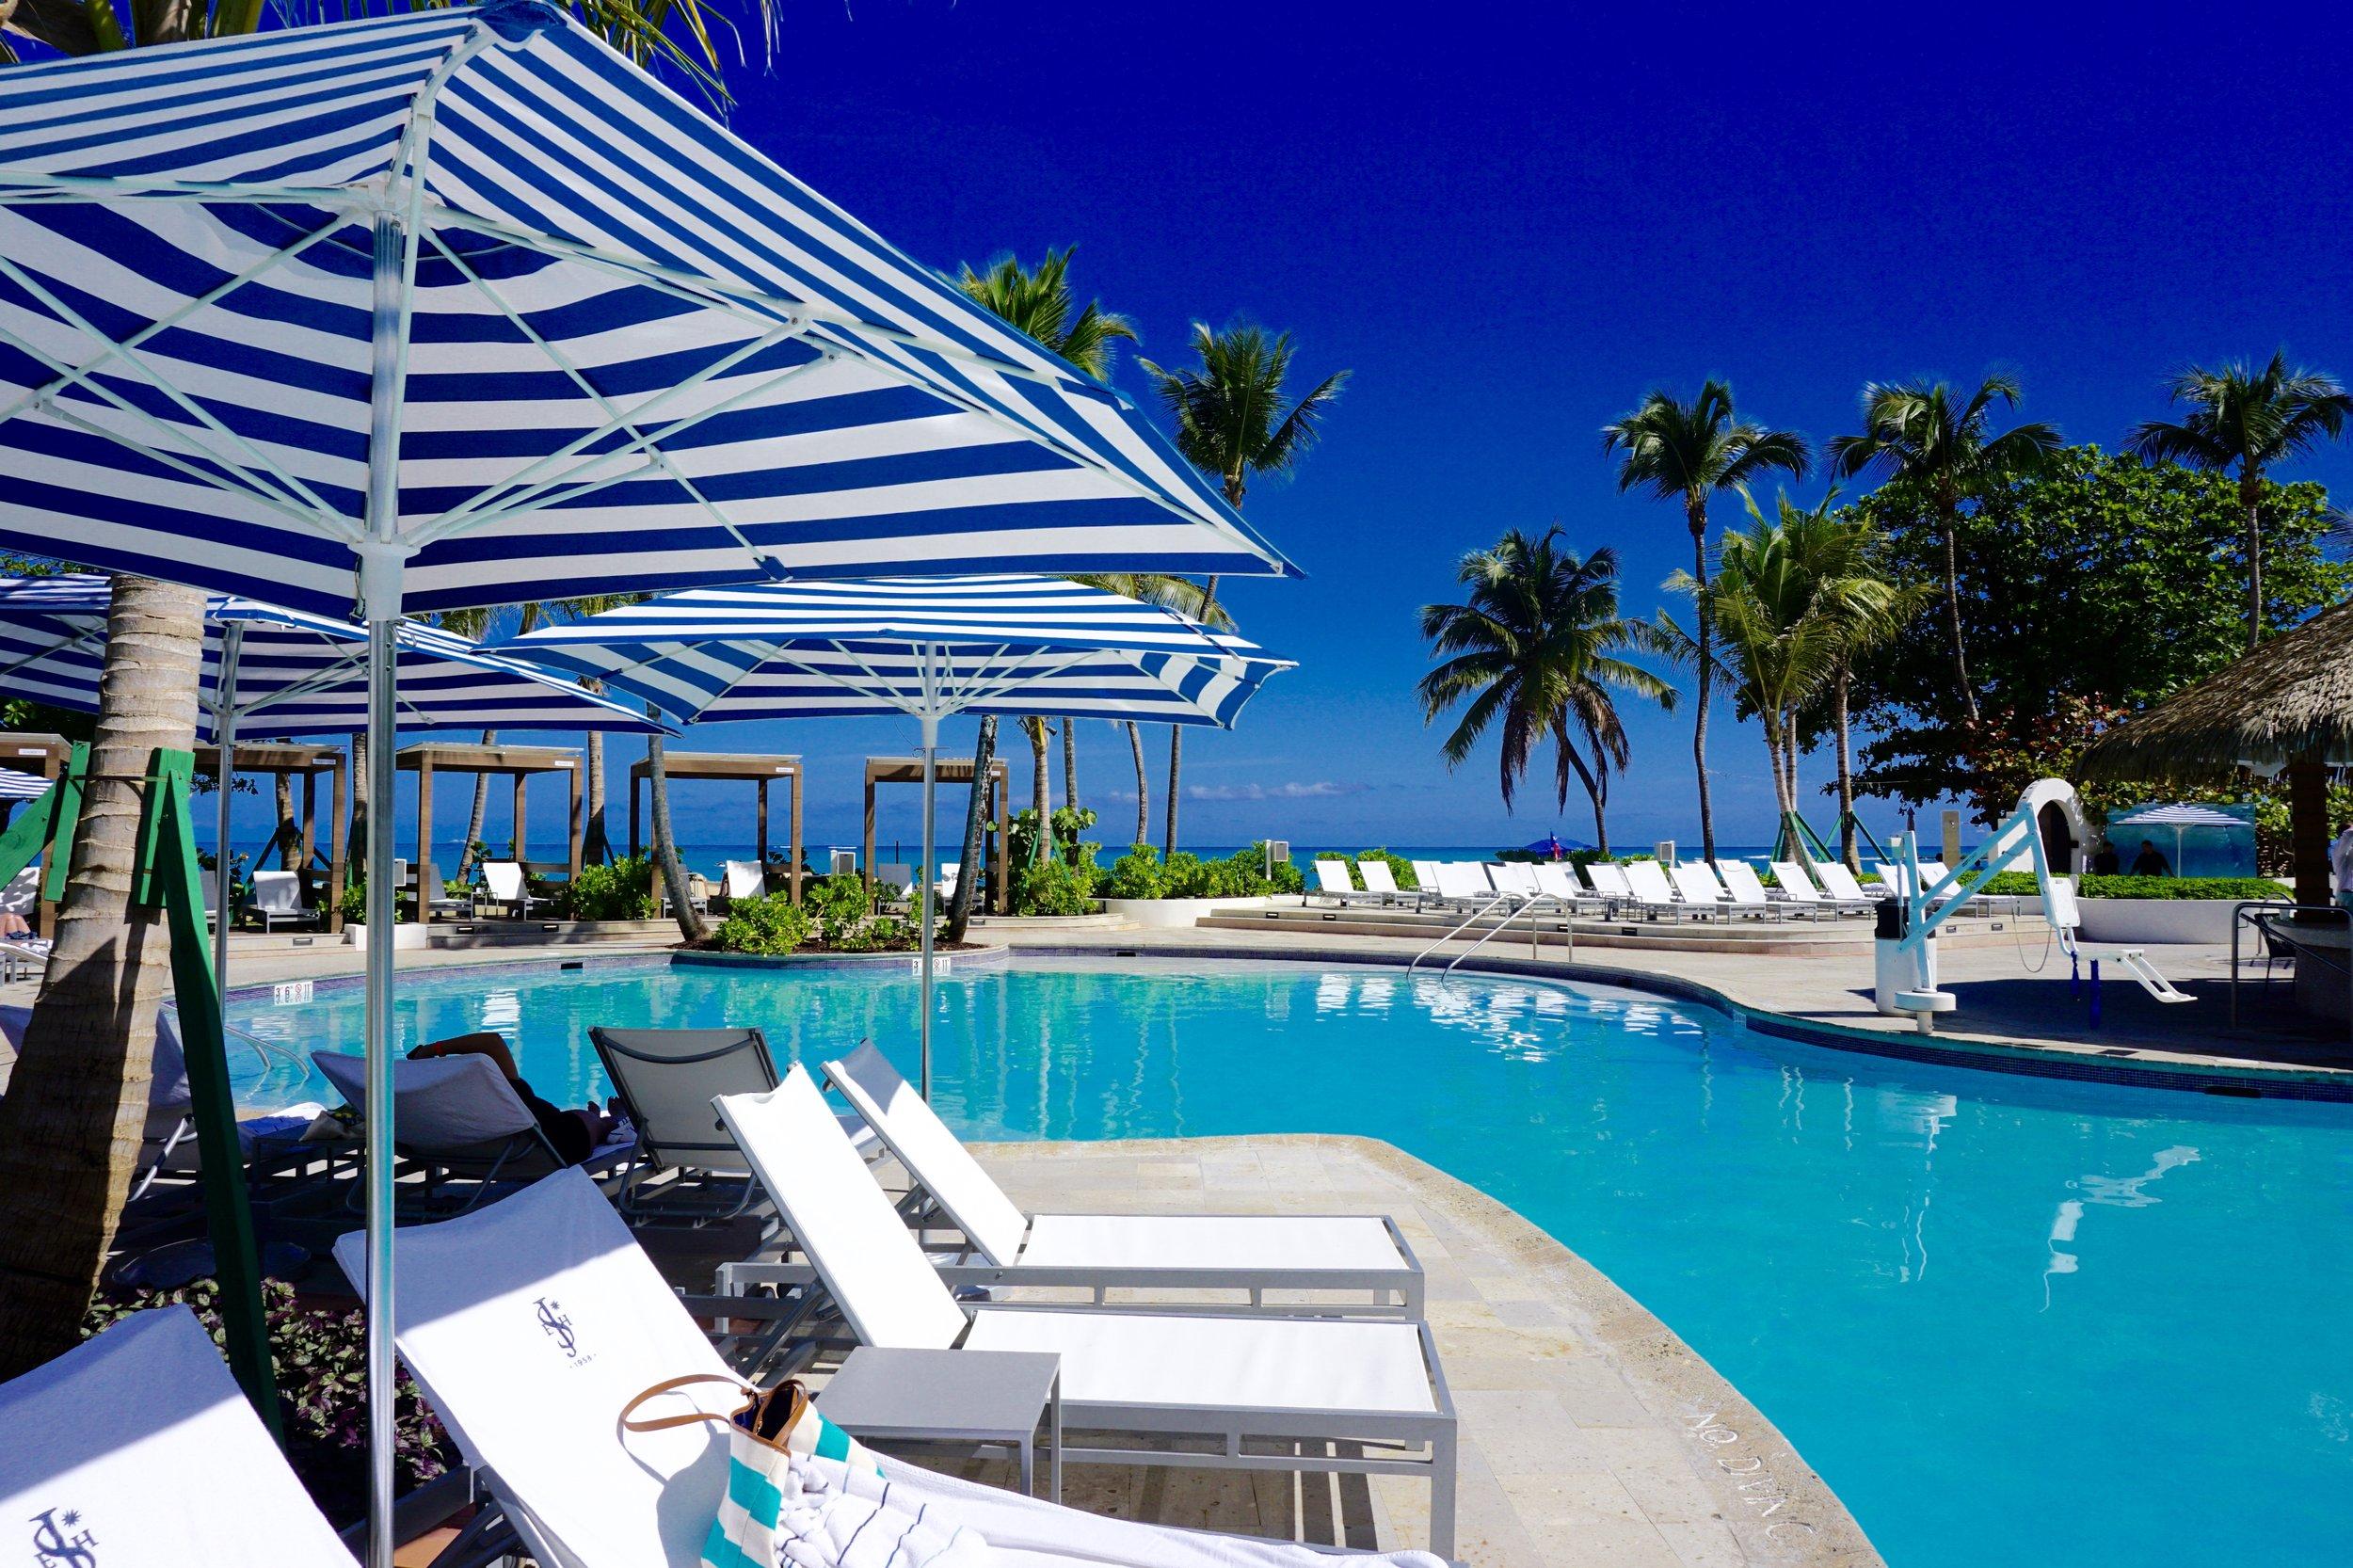 el san juan hotel pool